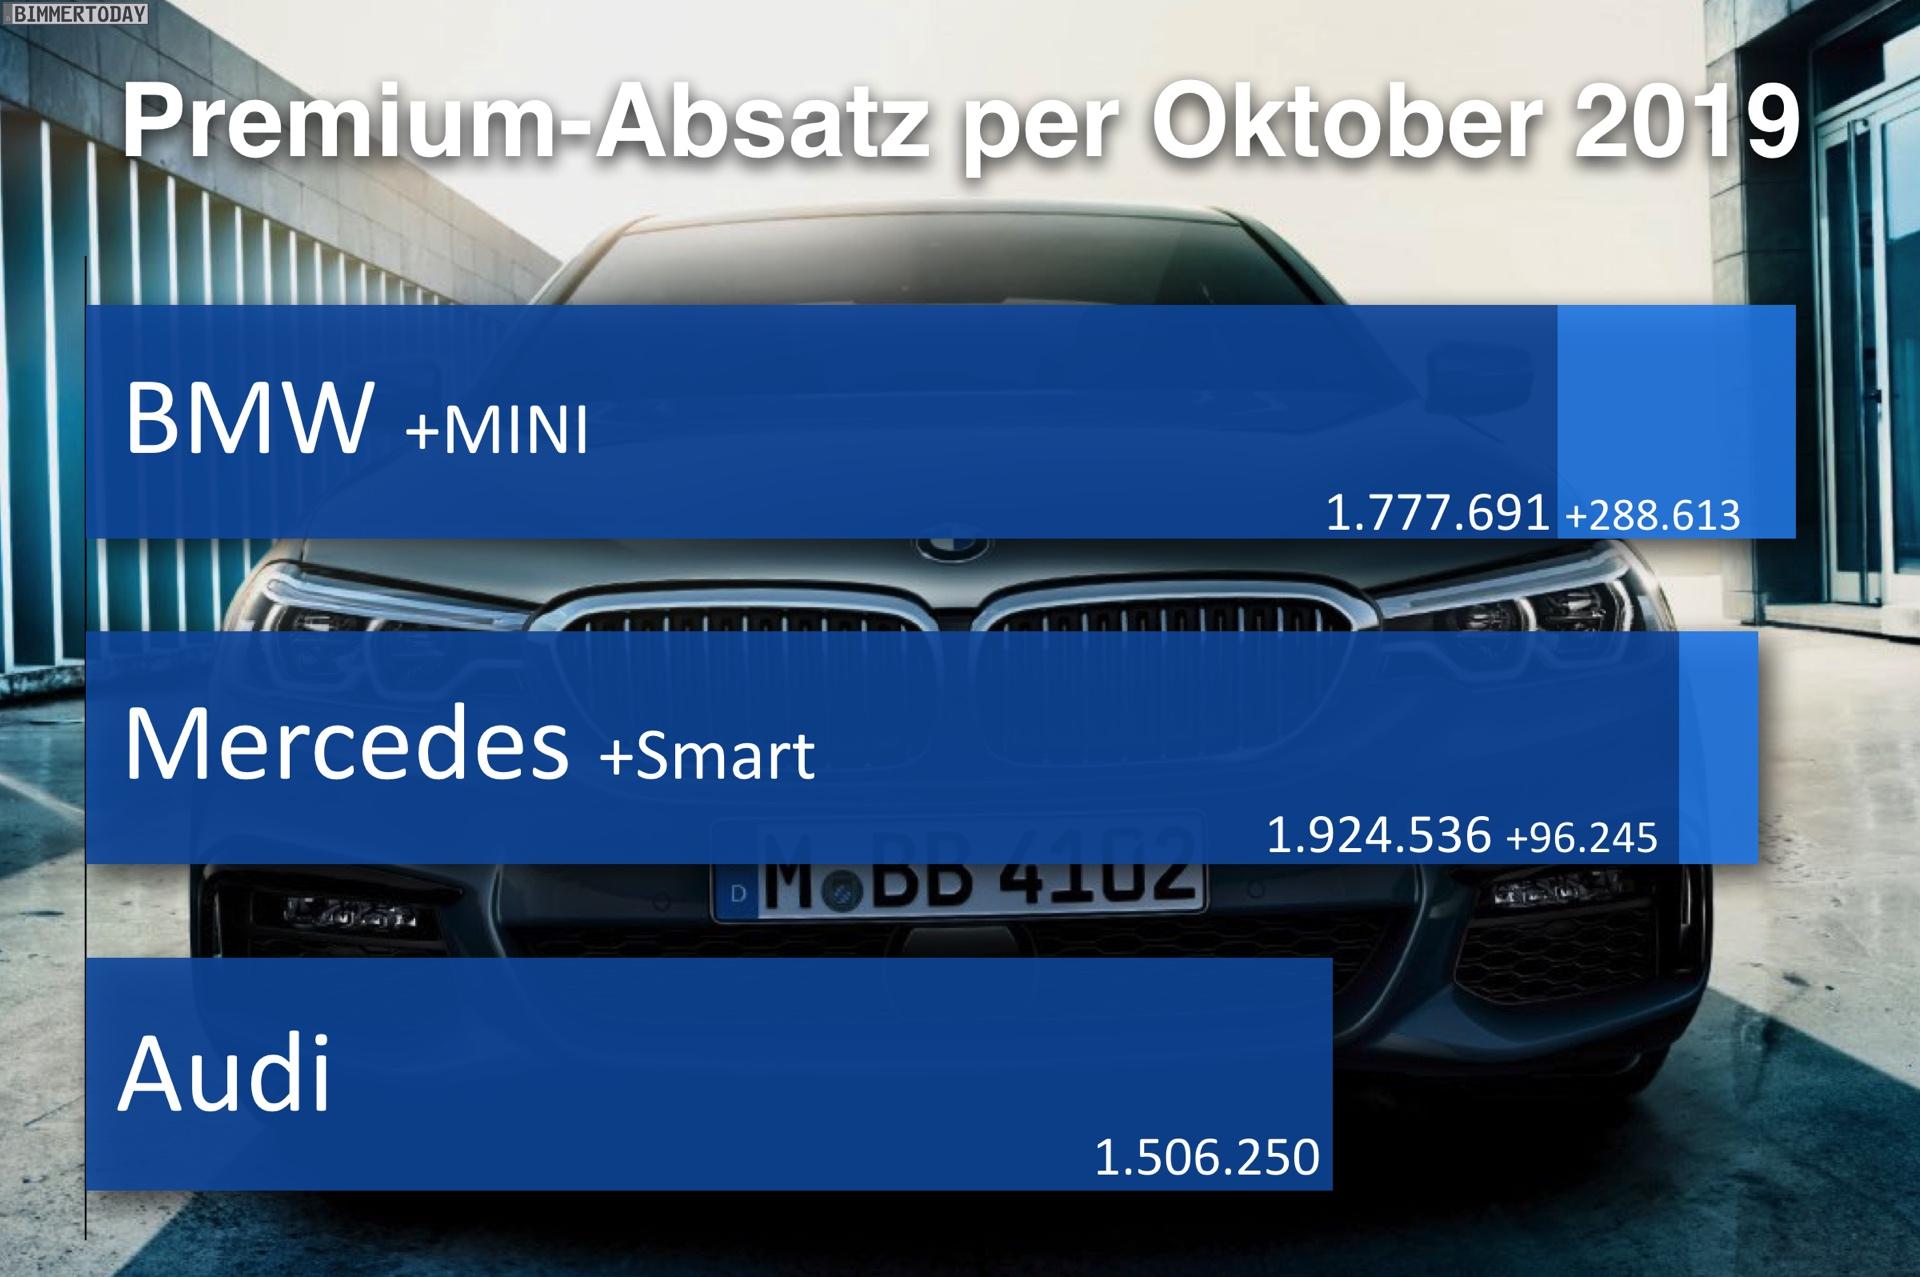 Premium Vergleich Per Oktober 2019 Mercedes Hängt Bmw Ab